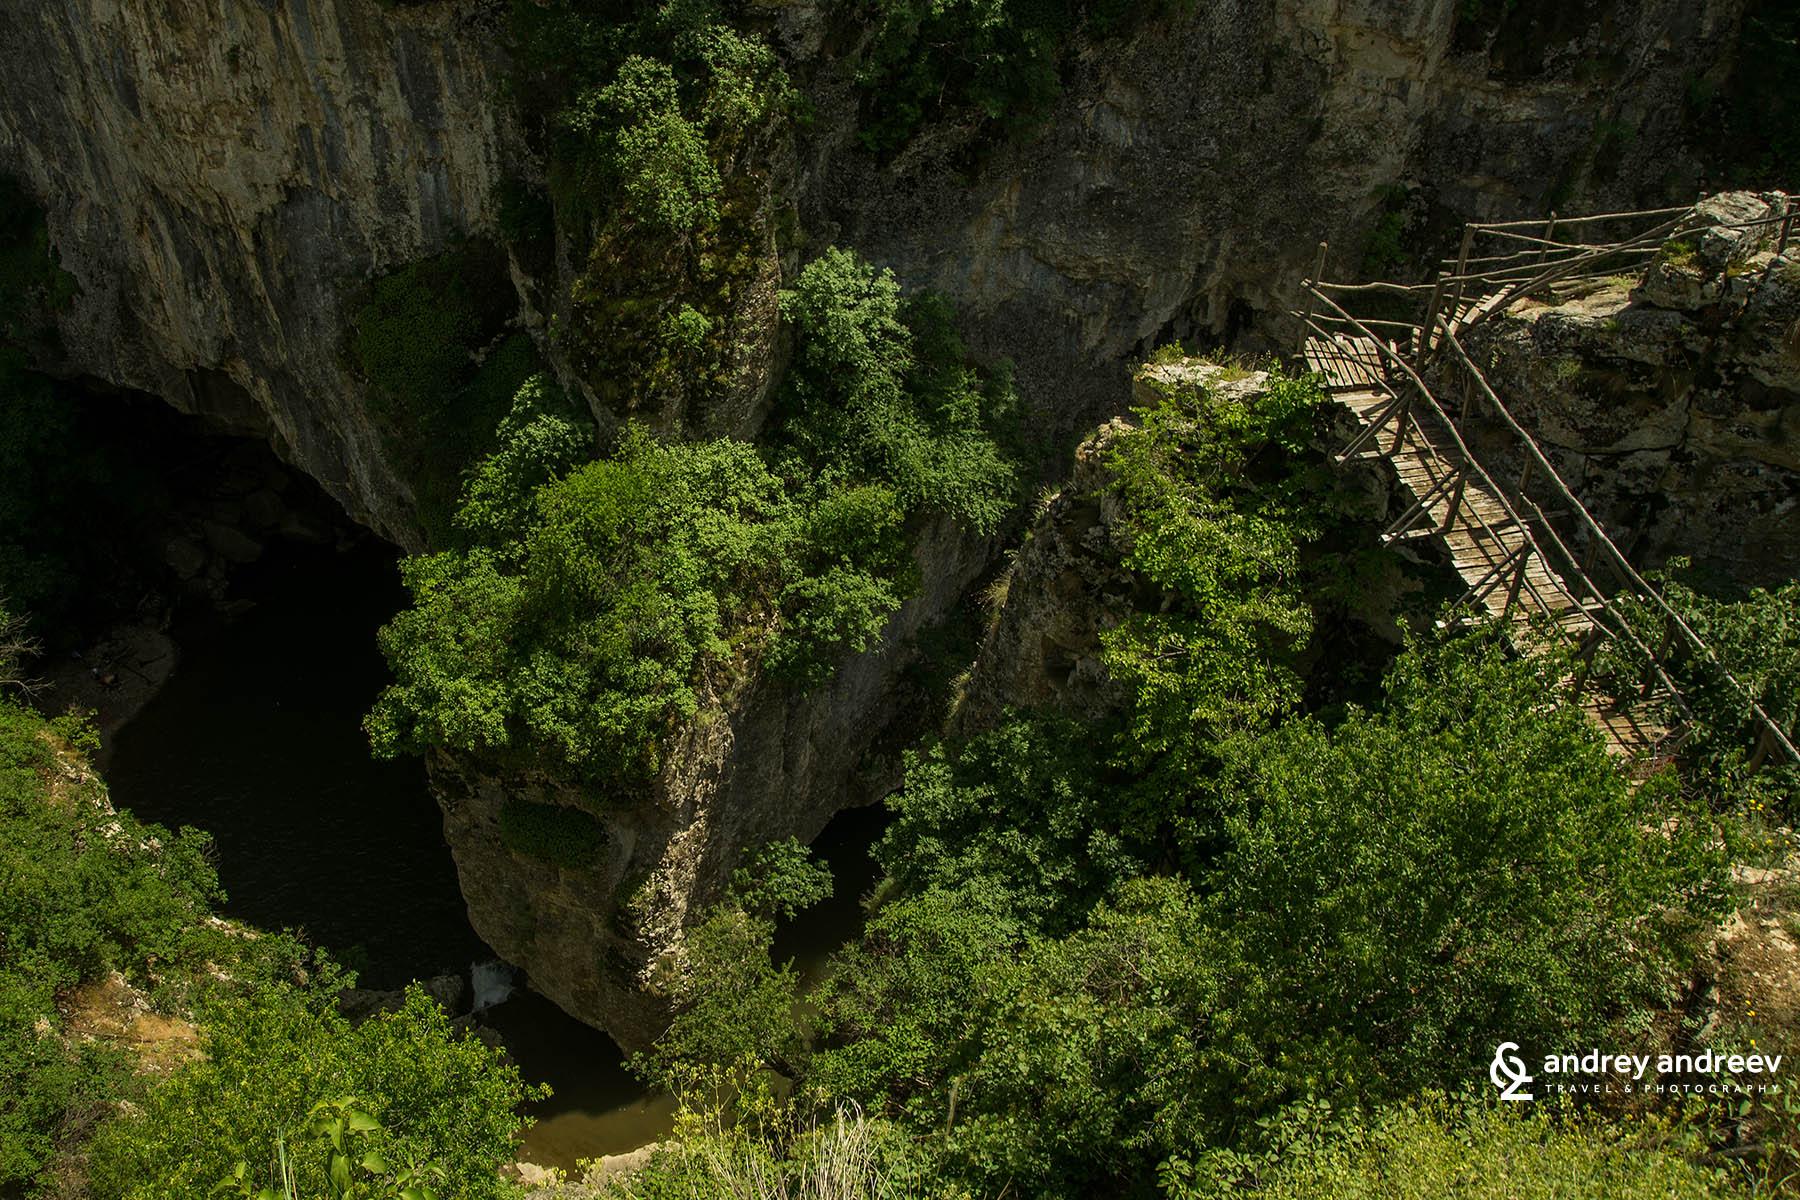 Водопад Момин Скок / Momin Skok Waterfall